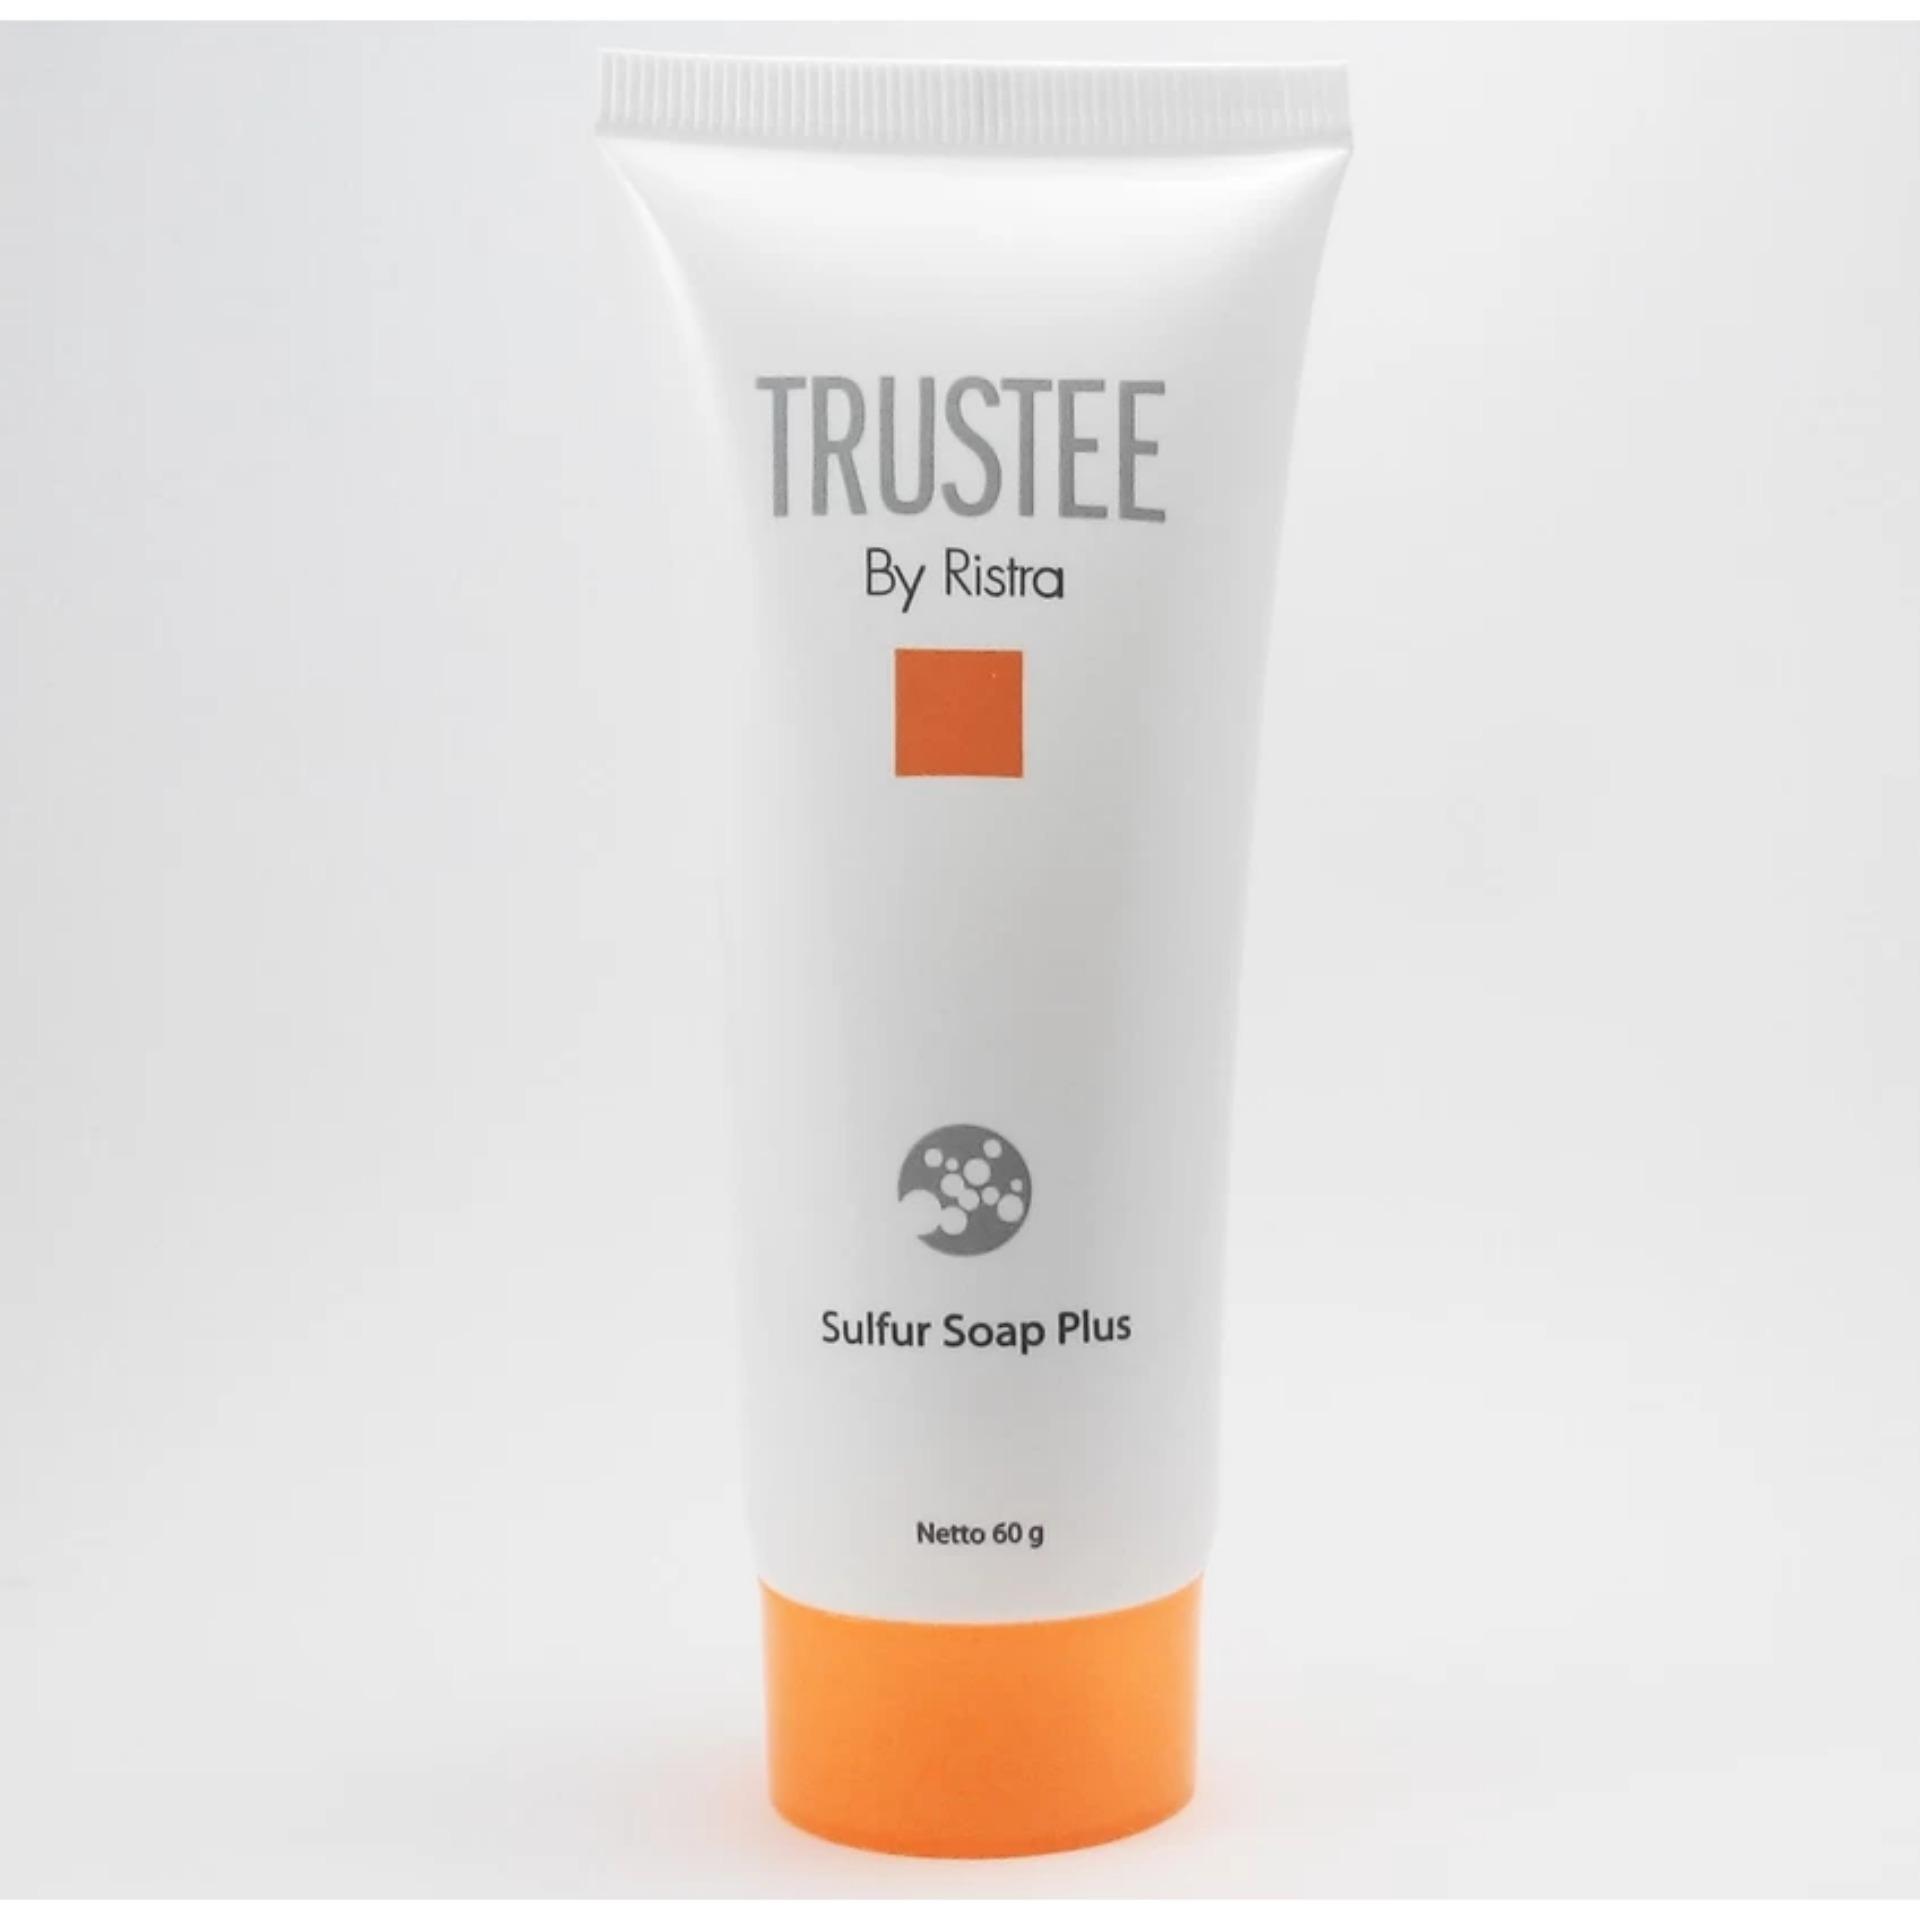 Terbaik Murah Ristra Trustee Sulfur Soap Plus Anggaran Asepso Antiseptic Flash Sale